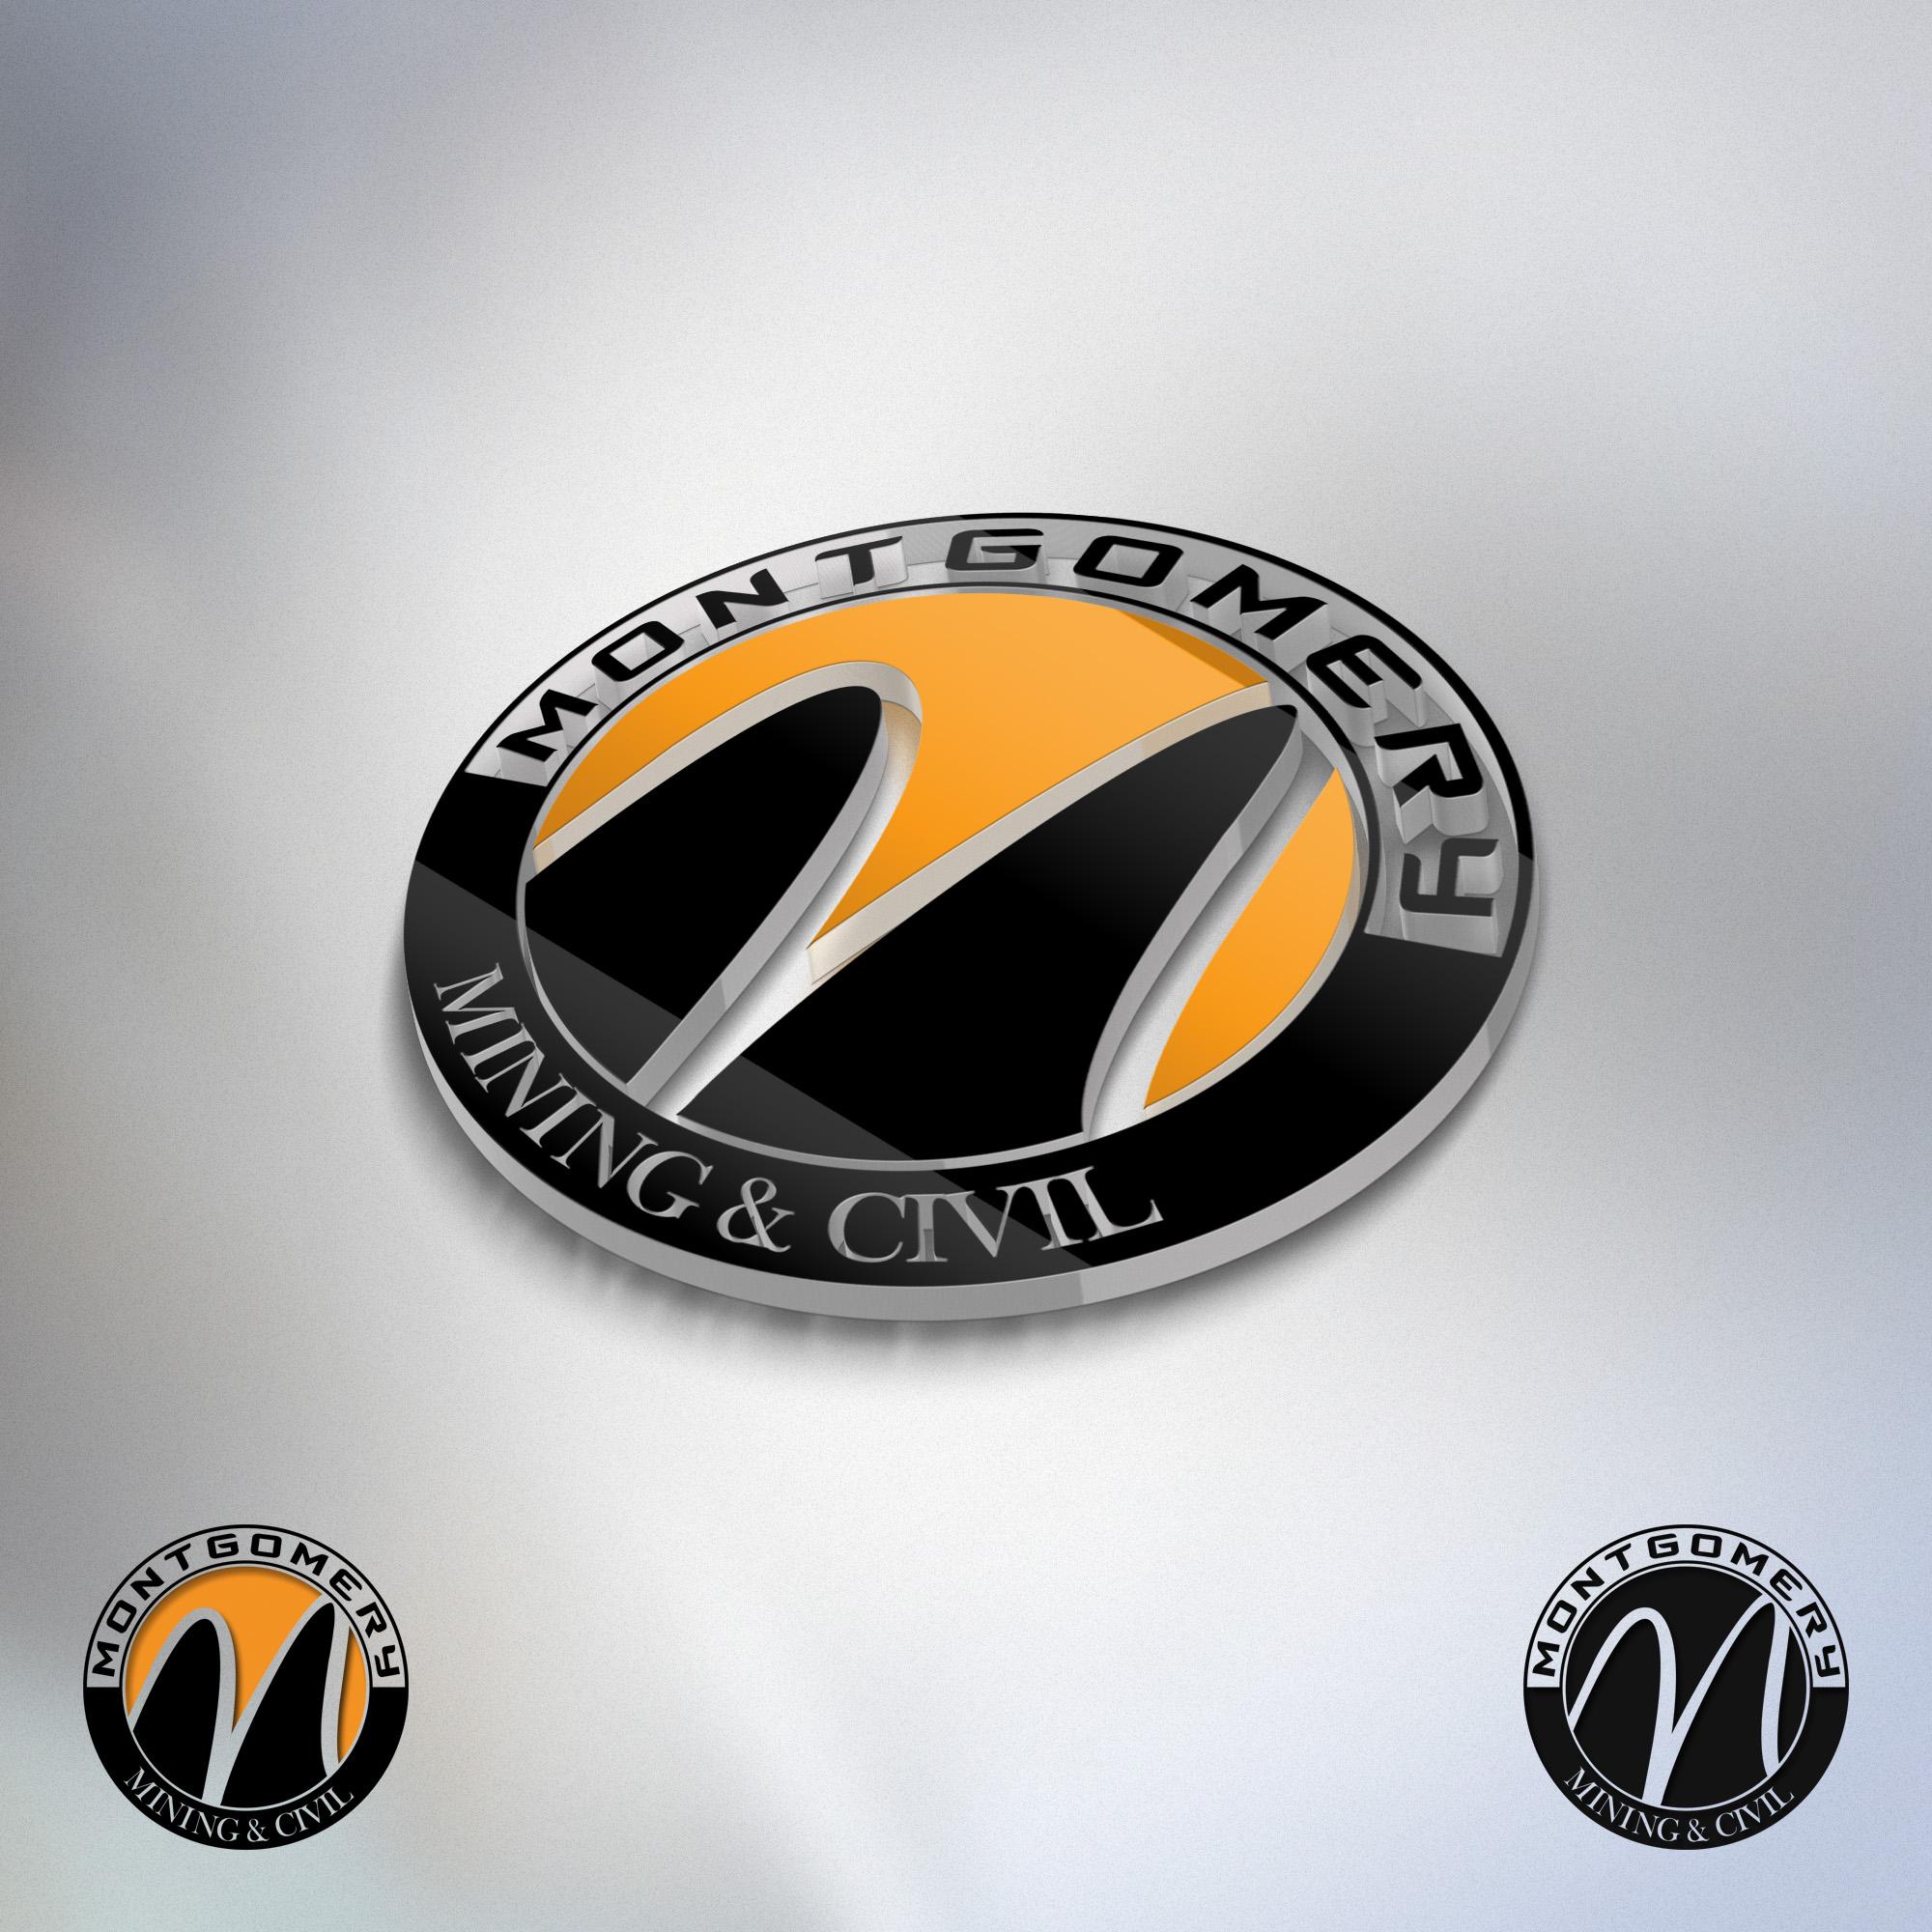 3cf00a2b3a Logo Design Contests » Captivating Logo Design for Montgomery Mining    Civil » Design No. 28 by cakirdesign